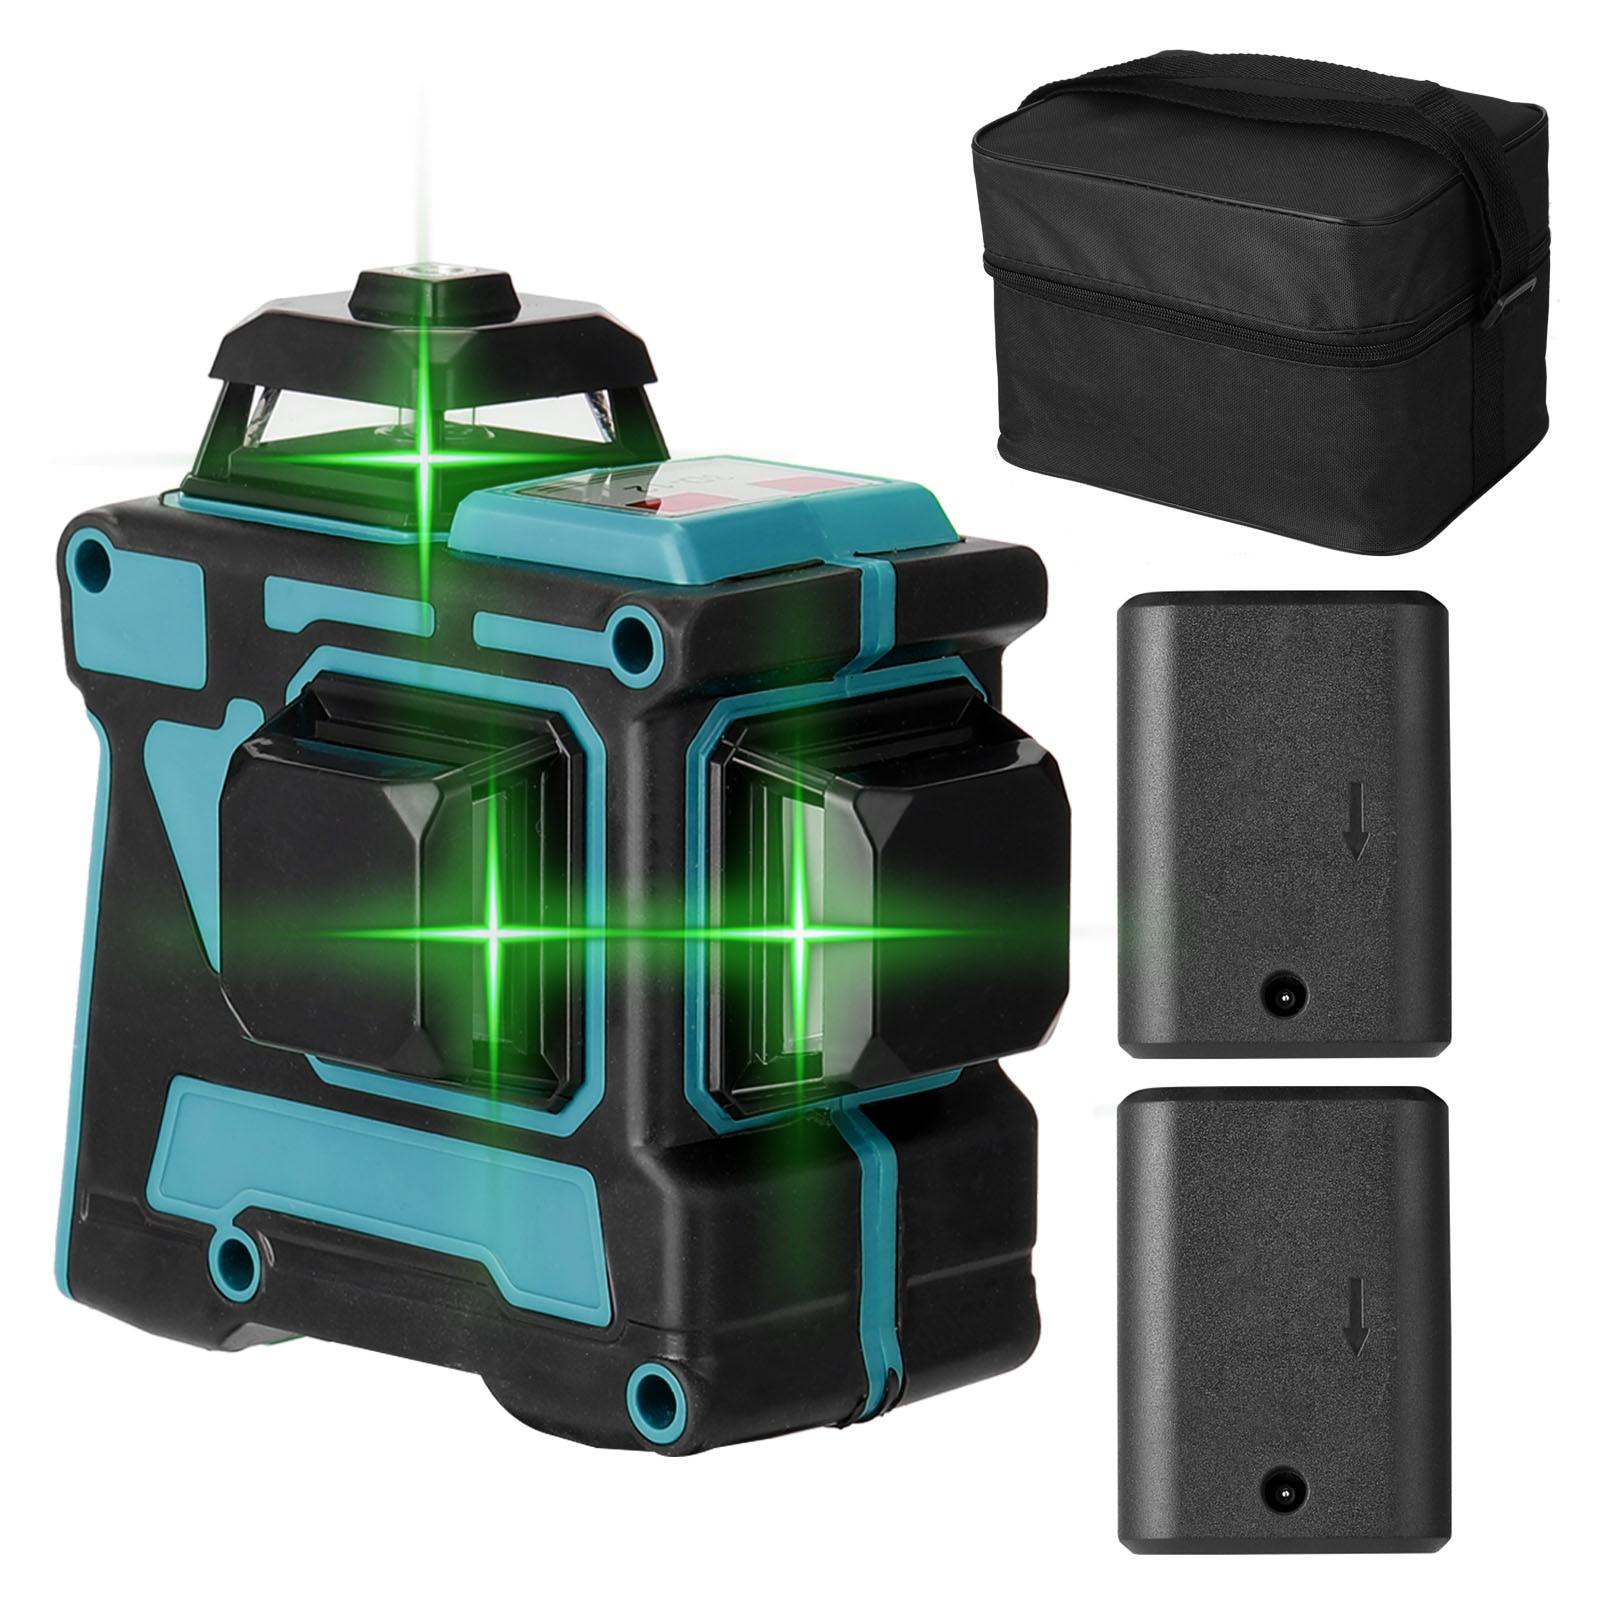 KKmoon 12 خطوط ثلاثية الأبعاد مستوى الليزر متعدد الوظائف التسوية الذاتية 360 مستوى الليزر خطوط أفقية وعمودية في الأماكن المغلقة والهواء الطلق